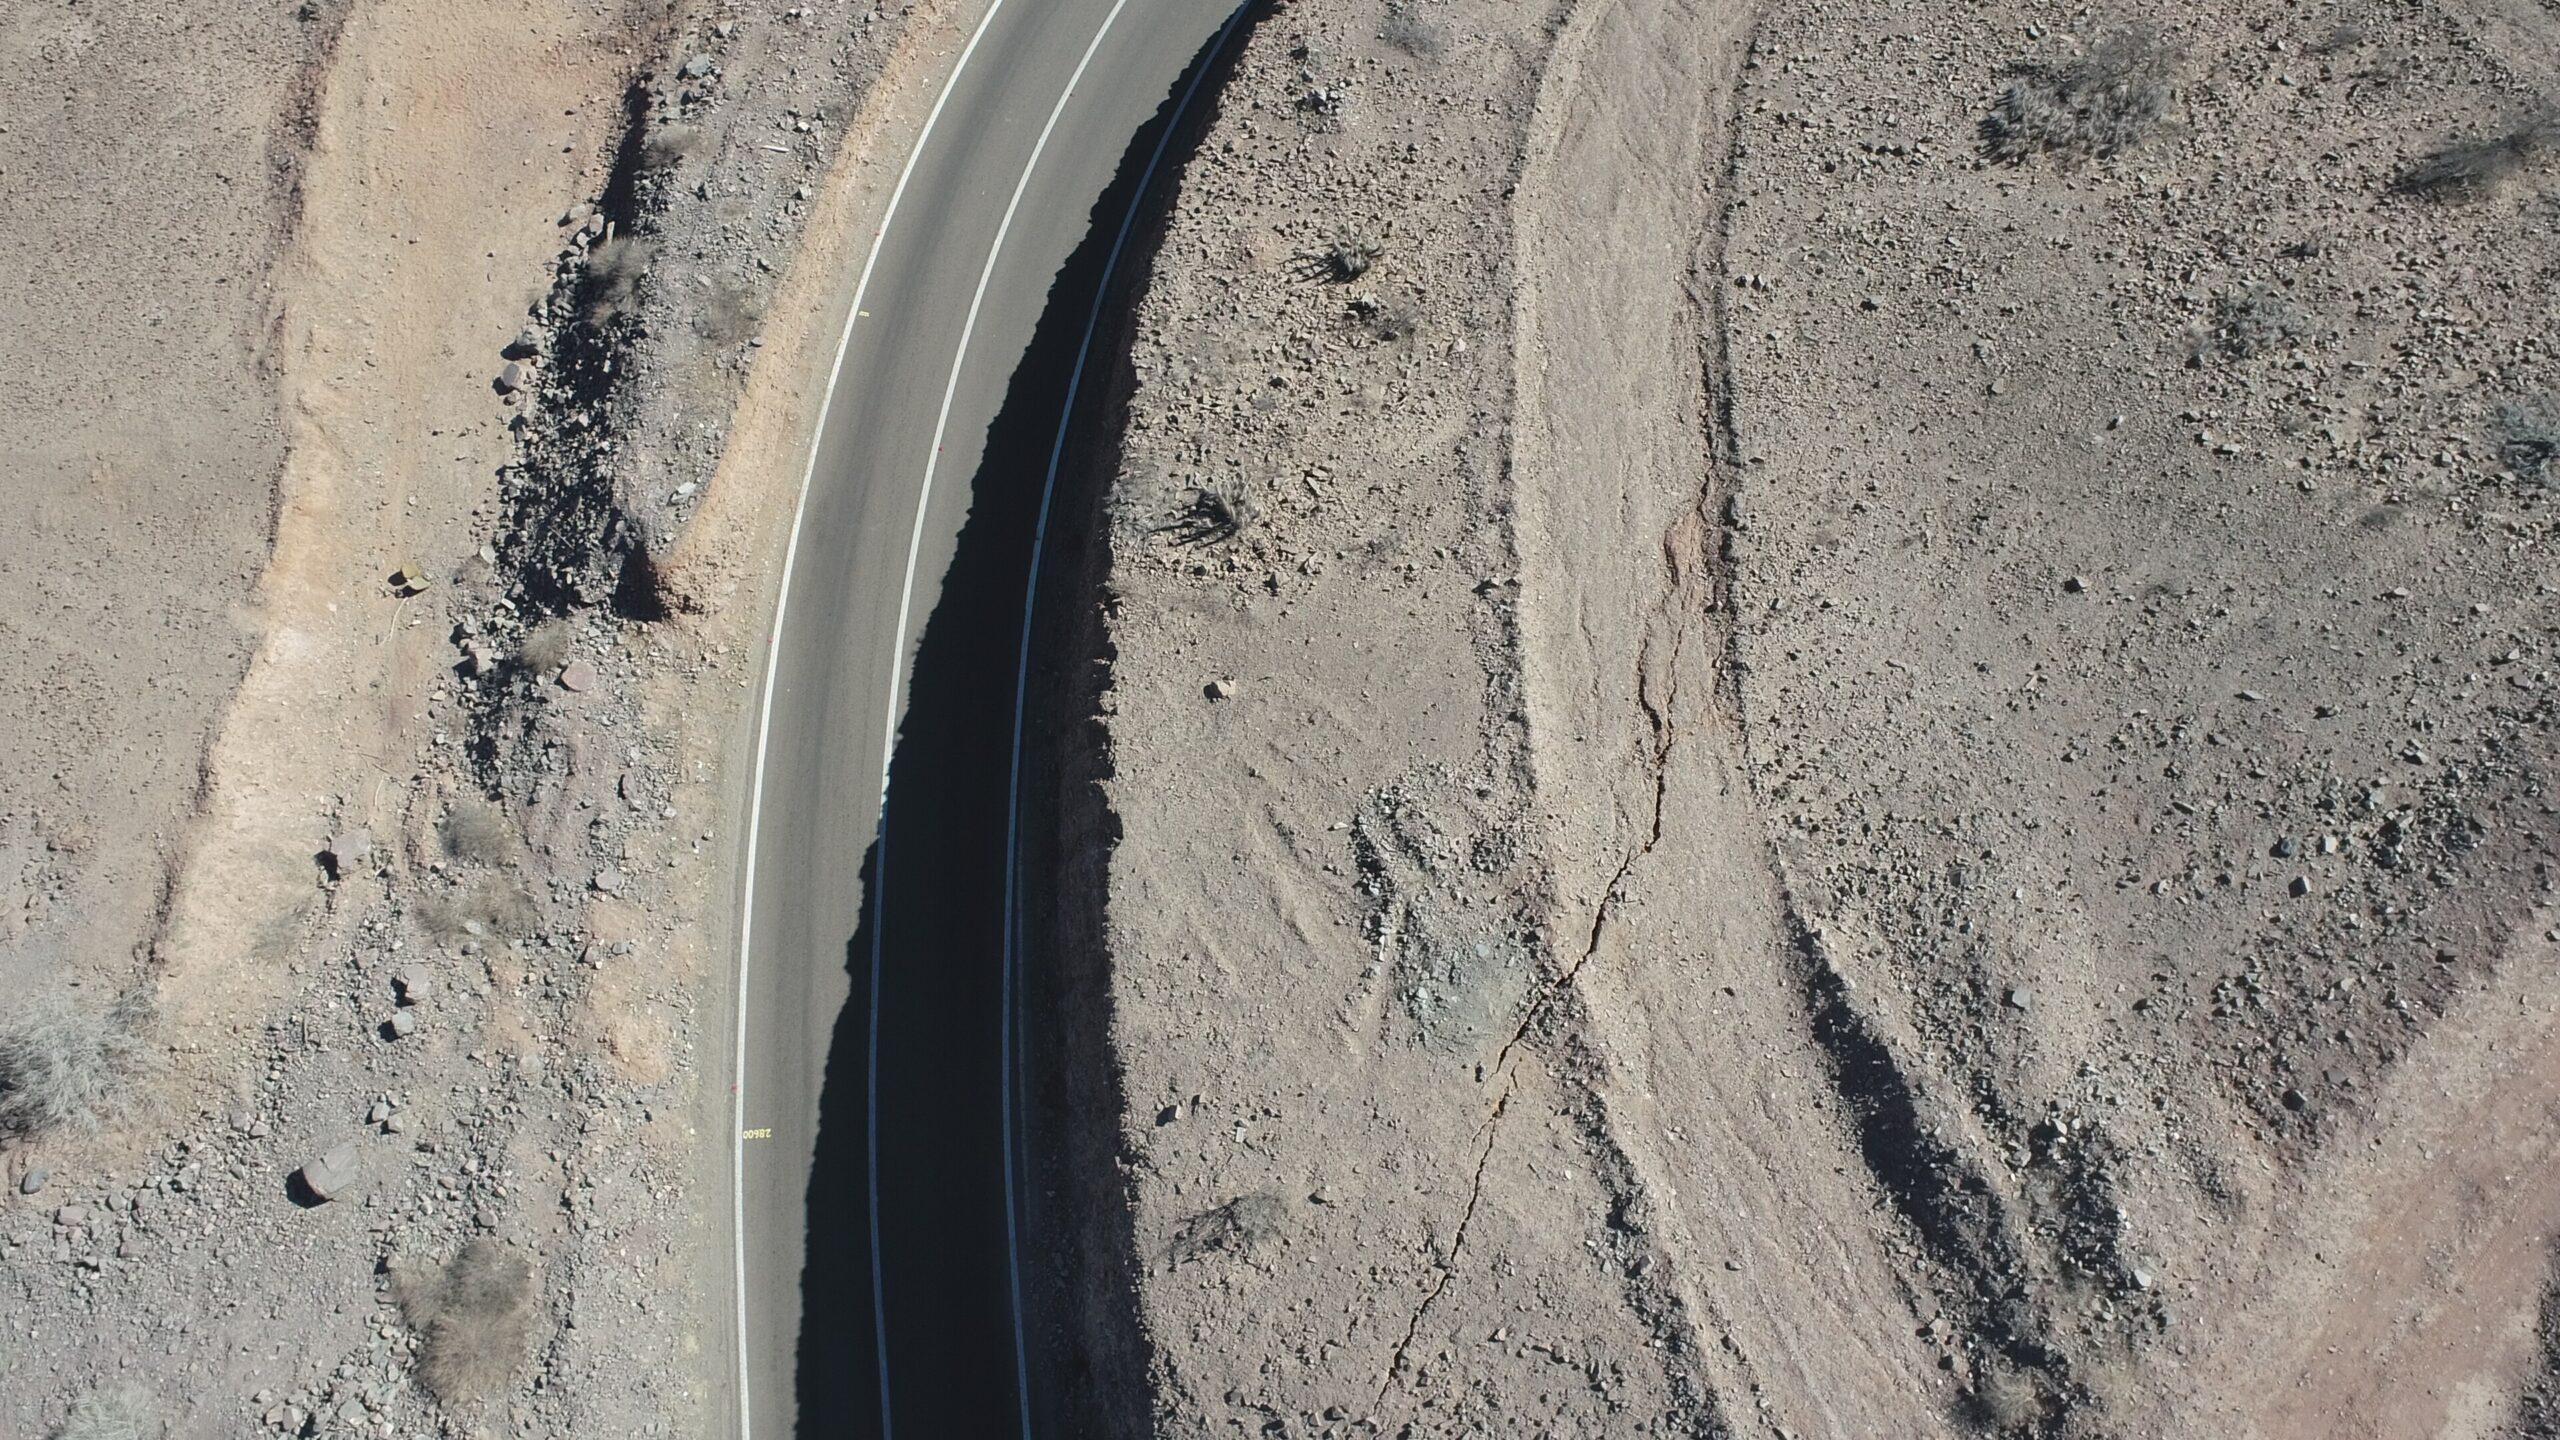 Estudio de la Junta de Vigilancia del Río Huasco determina que no habría otras fisuras en el embalse Santa Juana